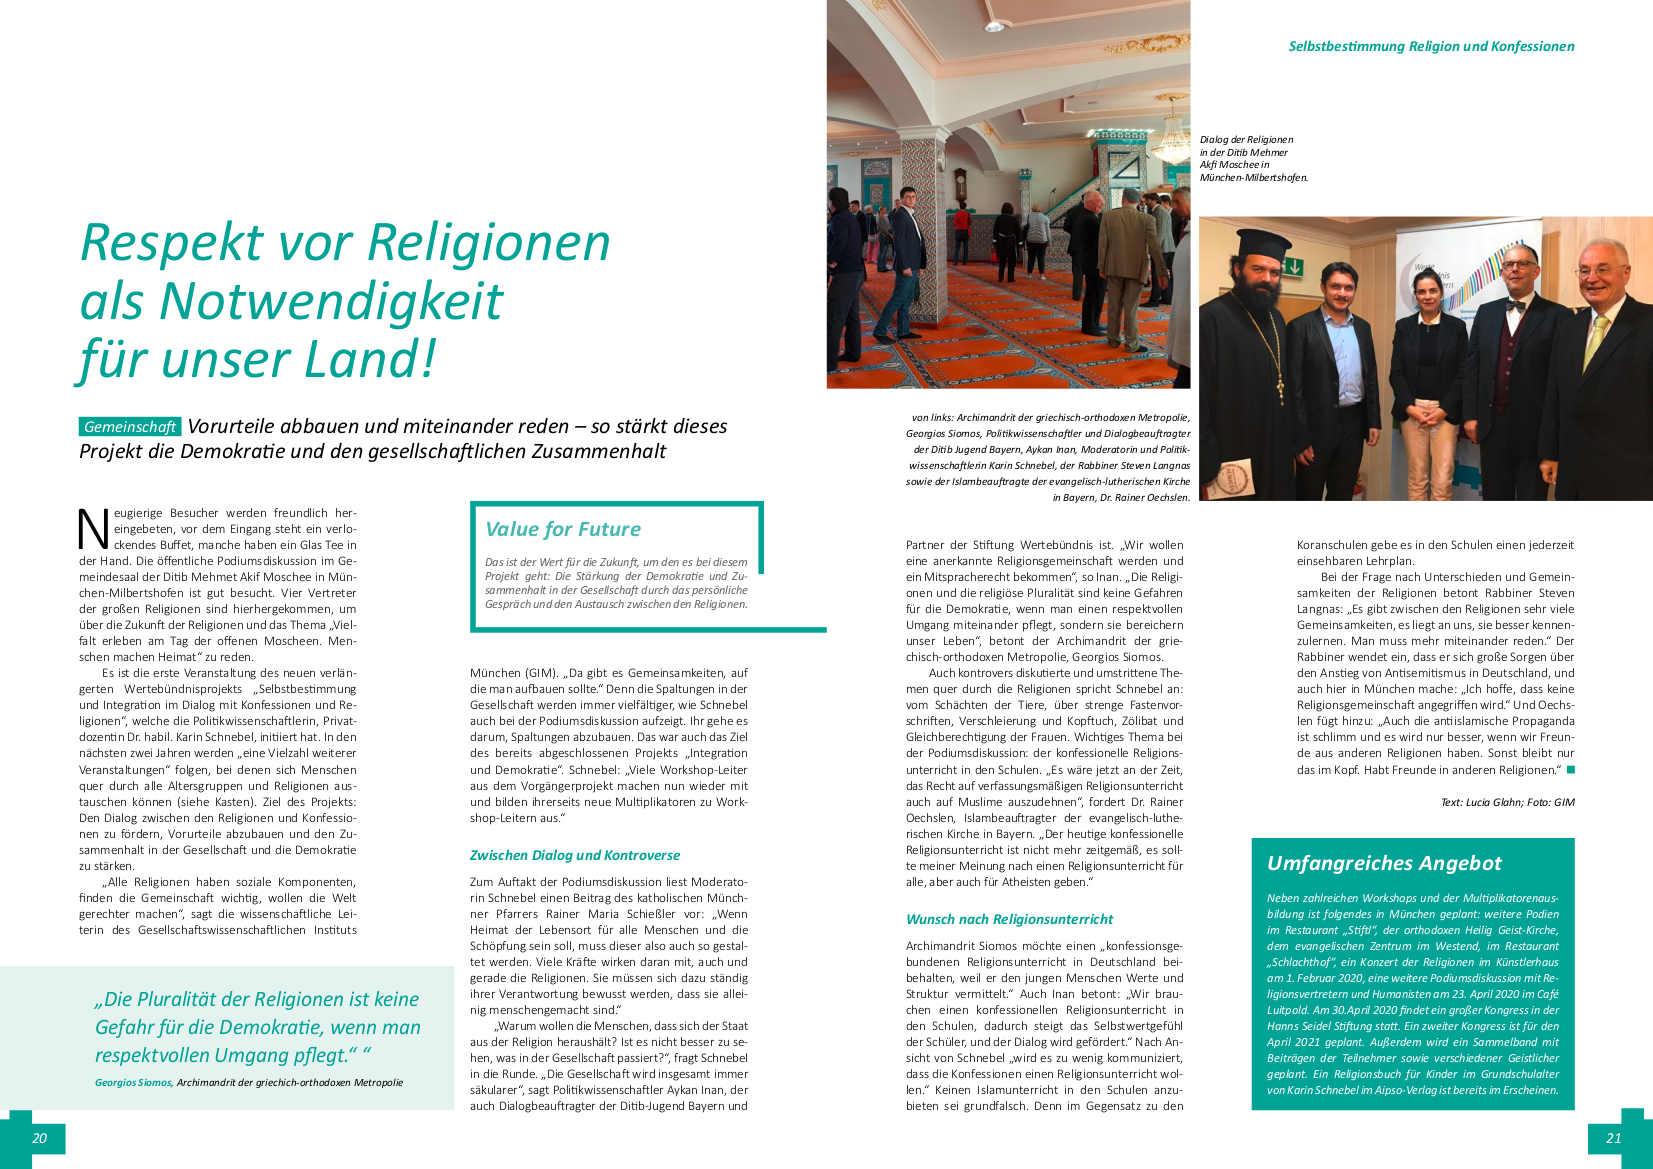 Religion und Konfessionen